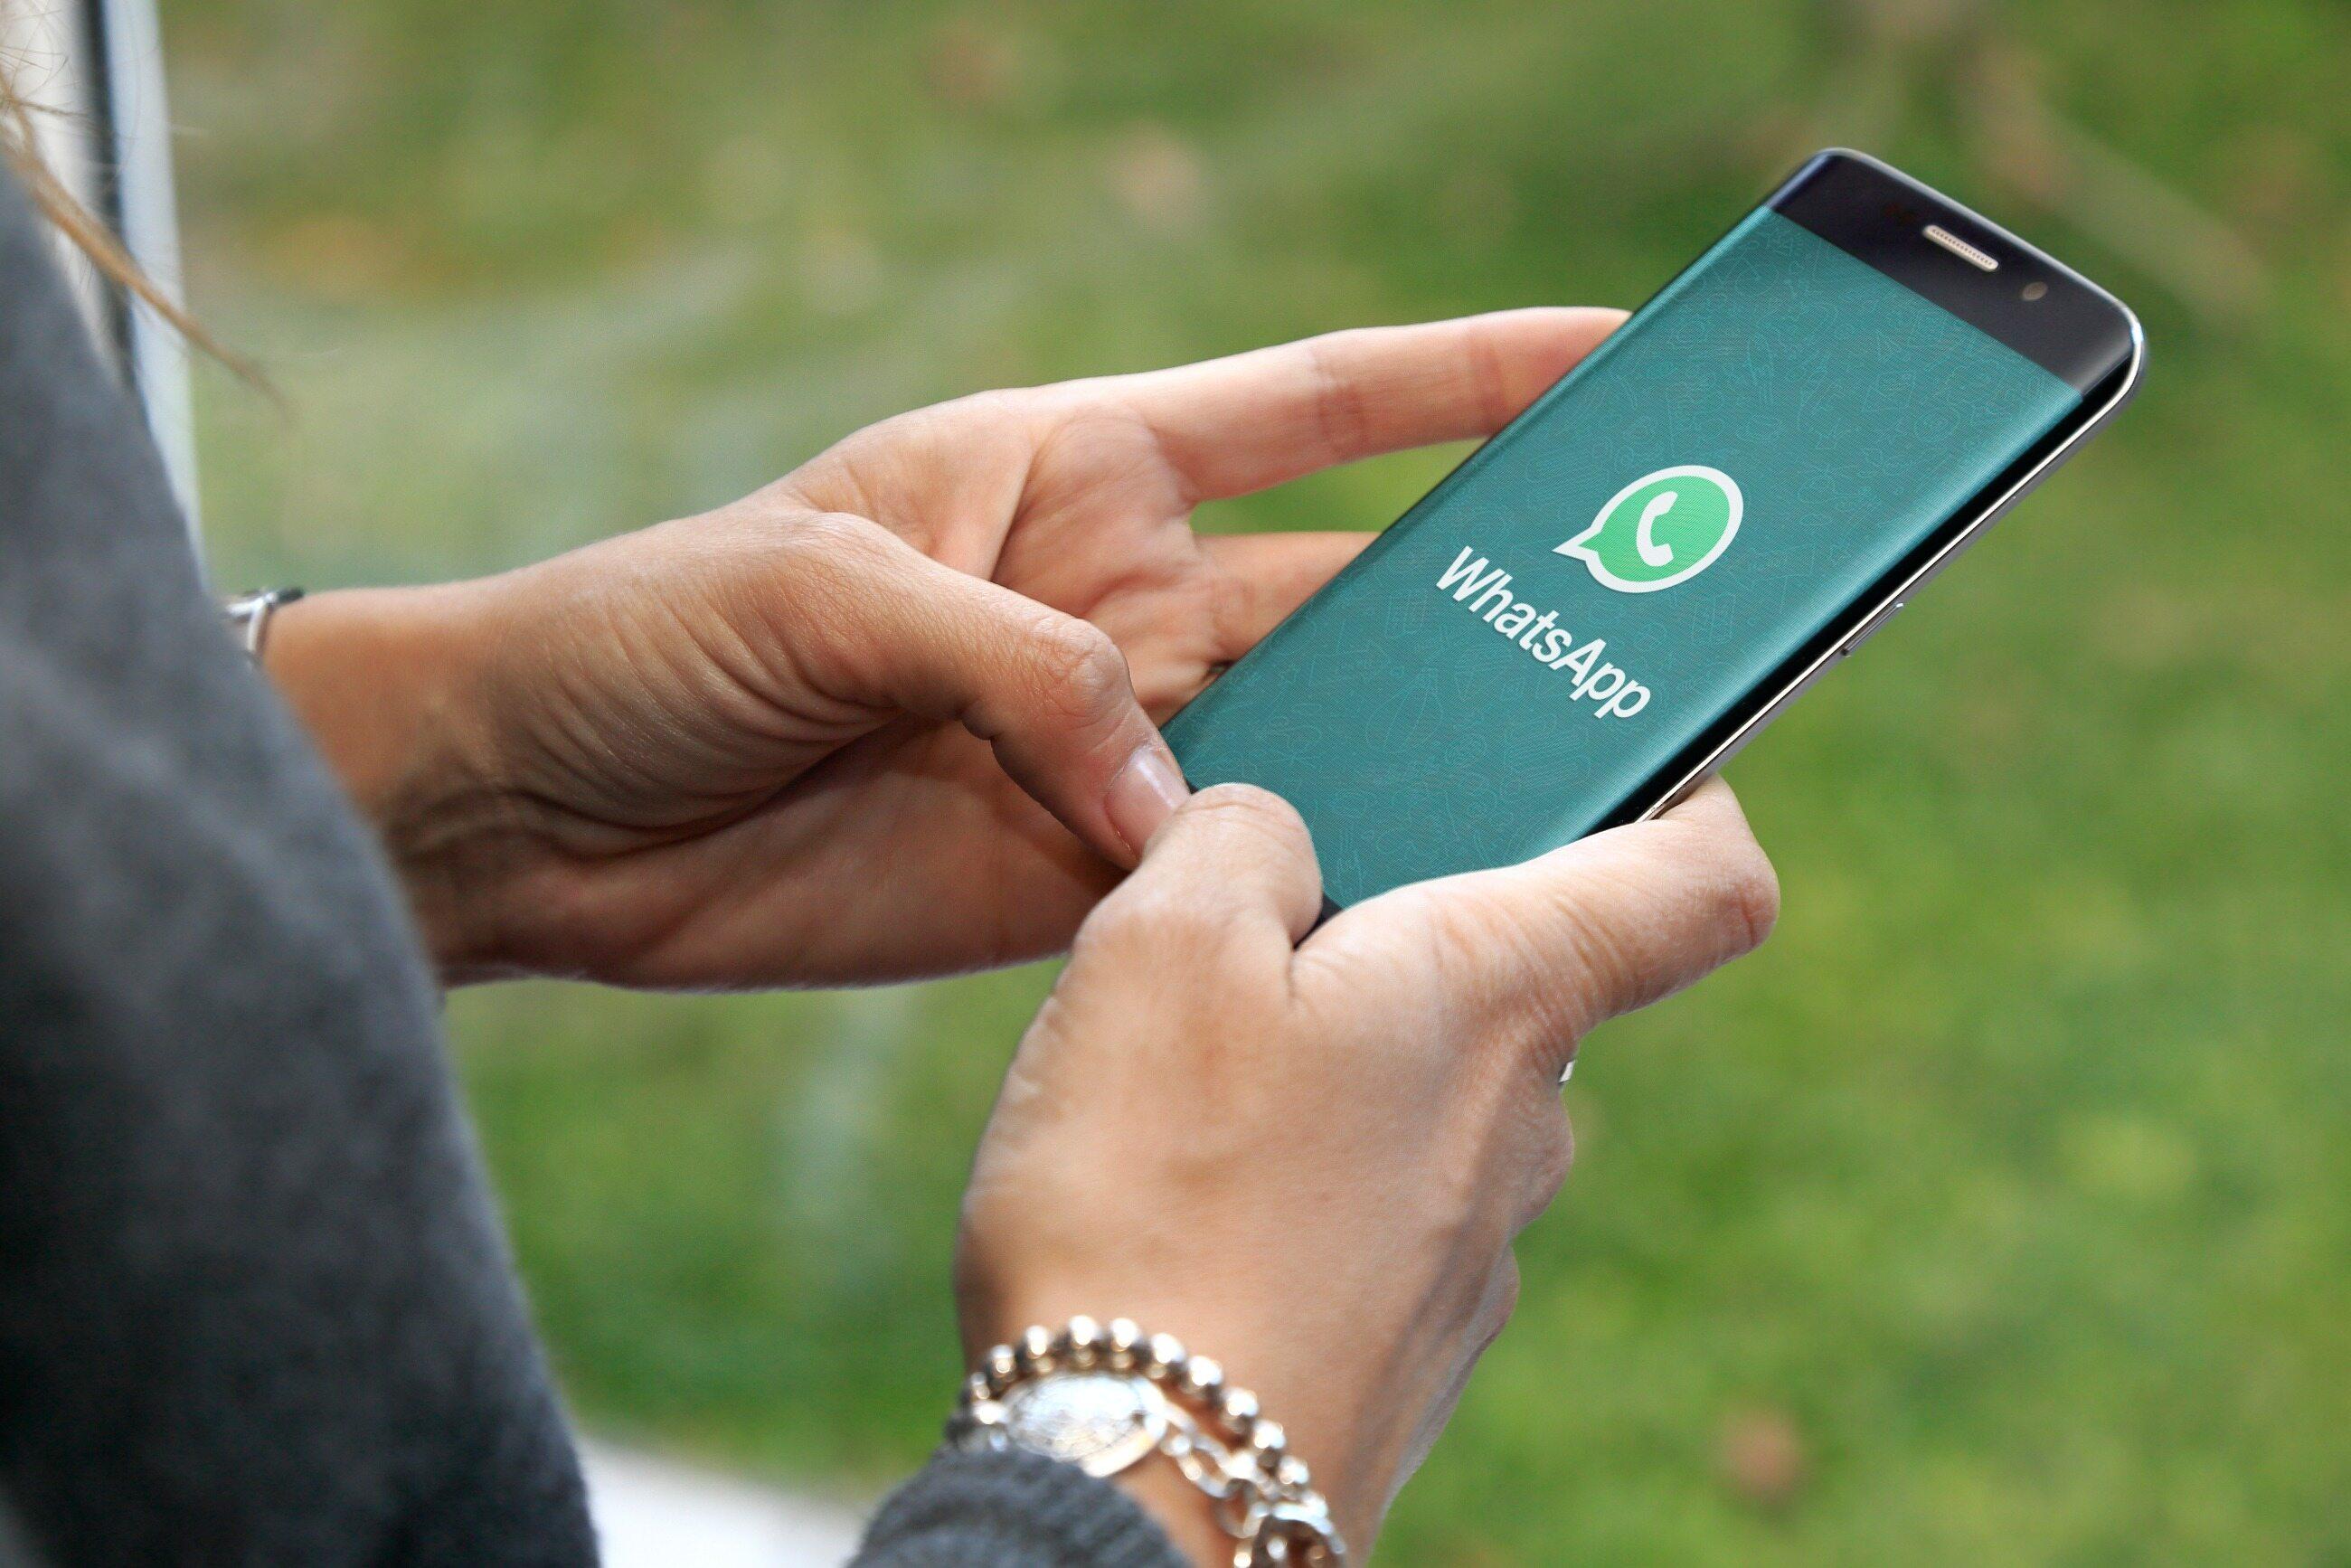 WhatsApp предупреждает: согласись на новые условия или потеряешь доступ